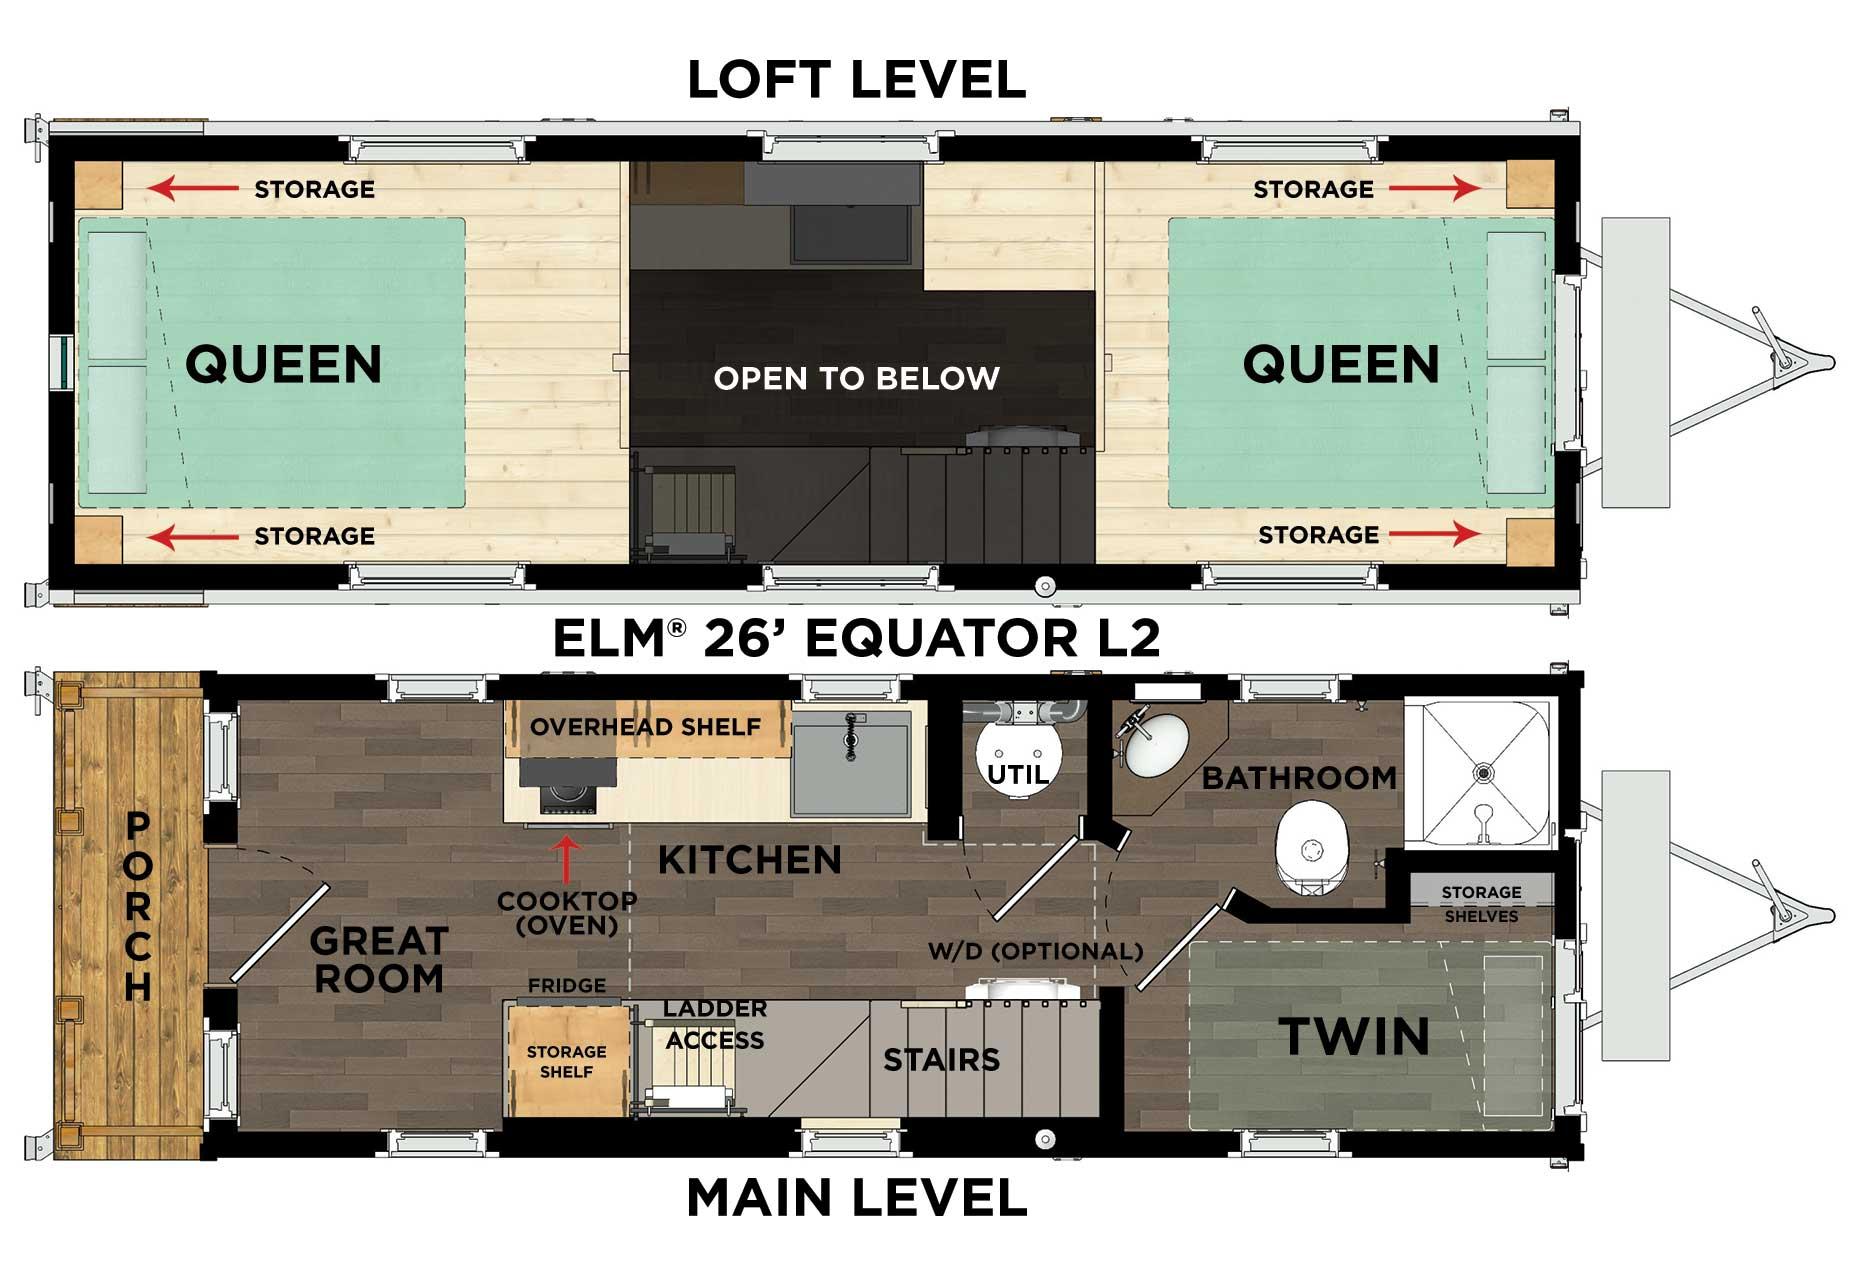 Elm® Equator L2 Floor Plan